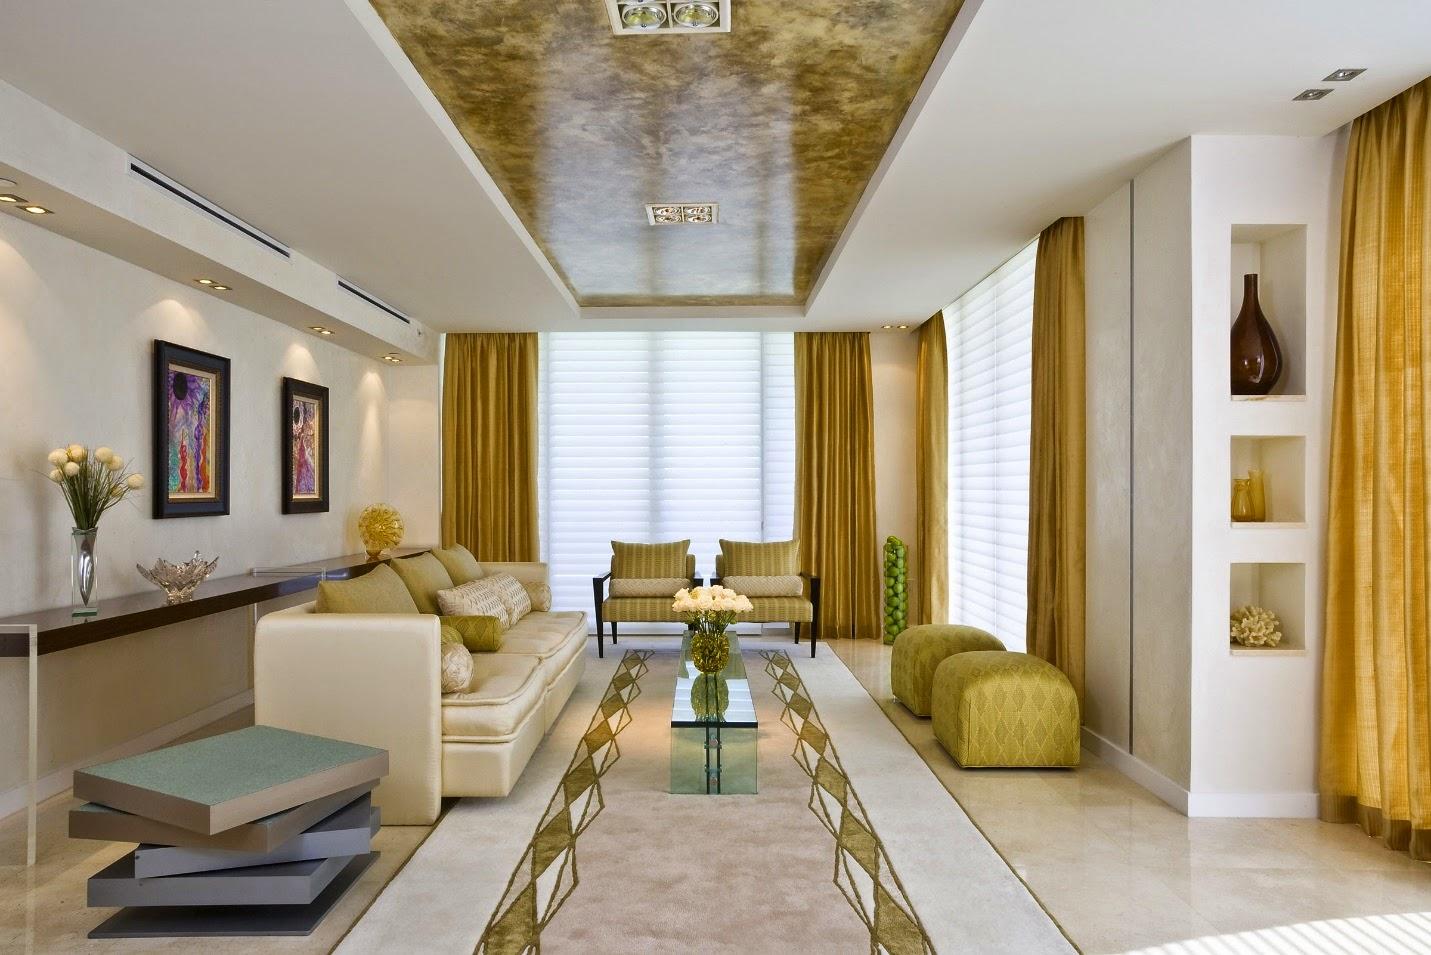 Khu căn hộ cao cấp masteri trở thành phân khúc có sự chuyển biến tích cực nhất từ cuối năm 2014 đến nay